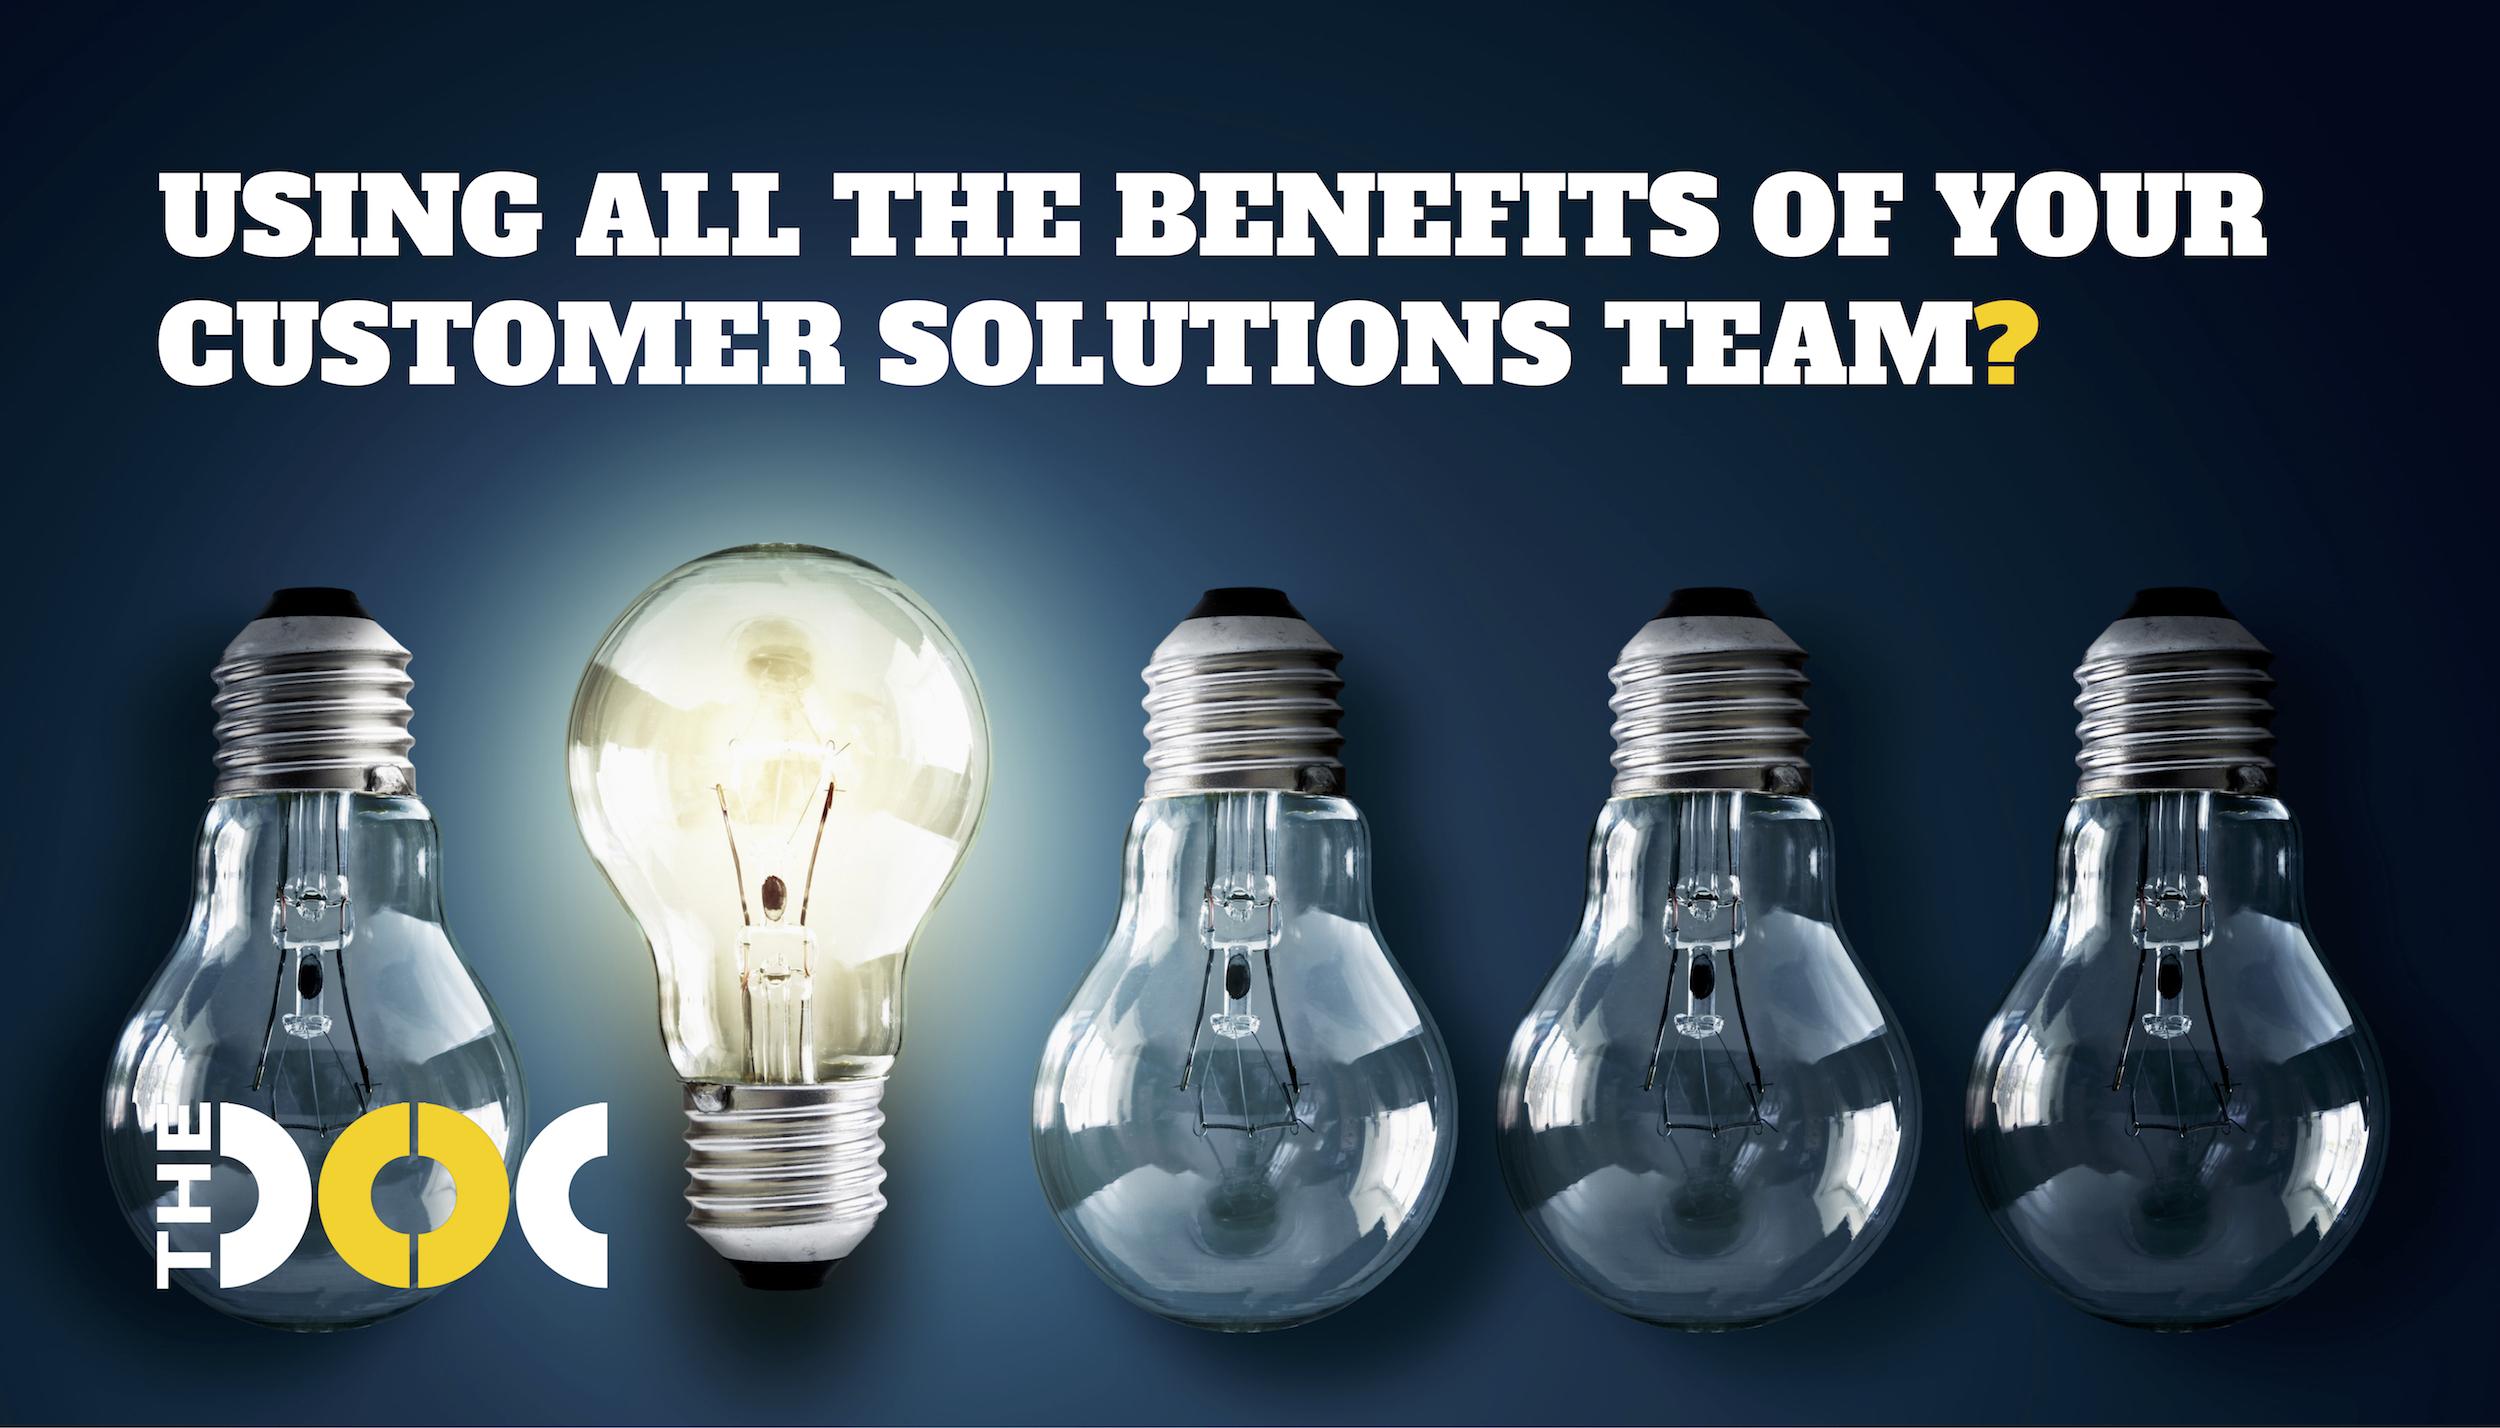 Customer Solutions Team